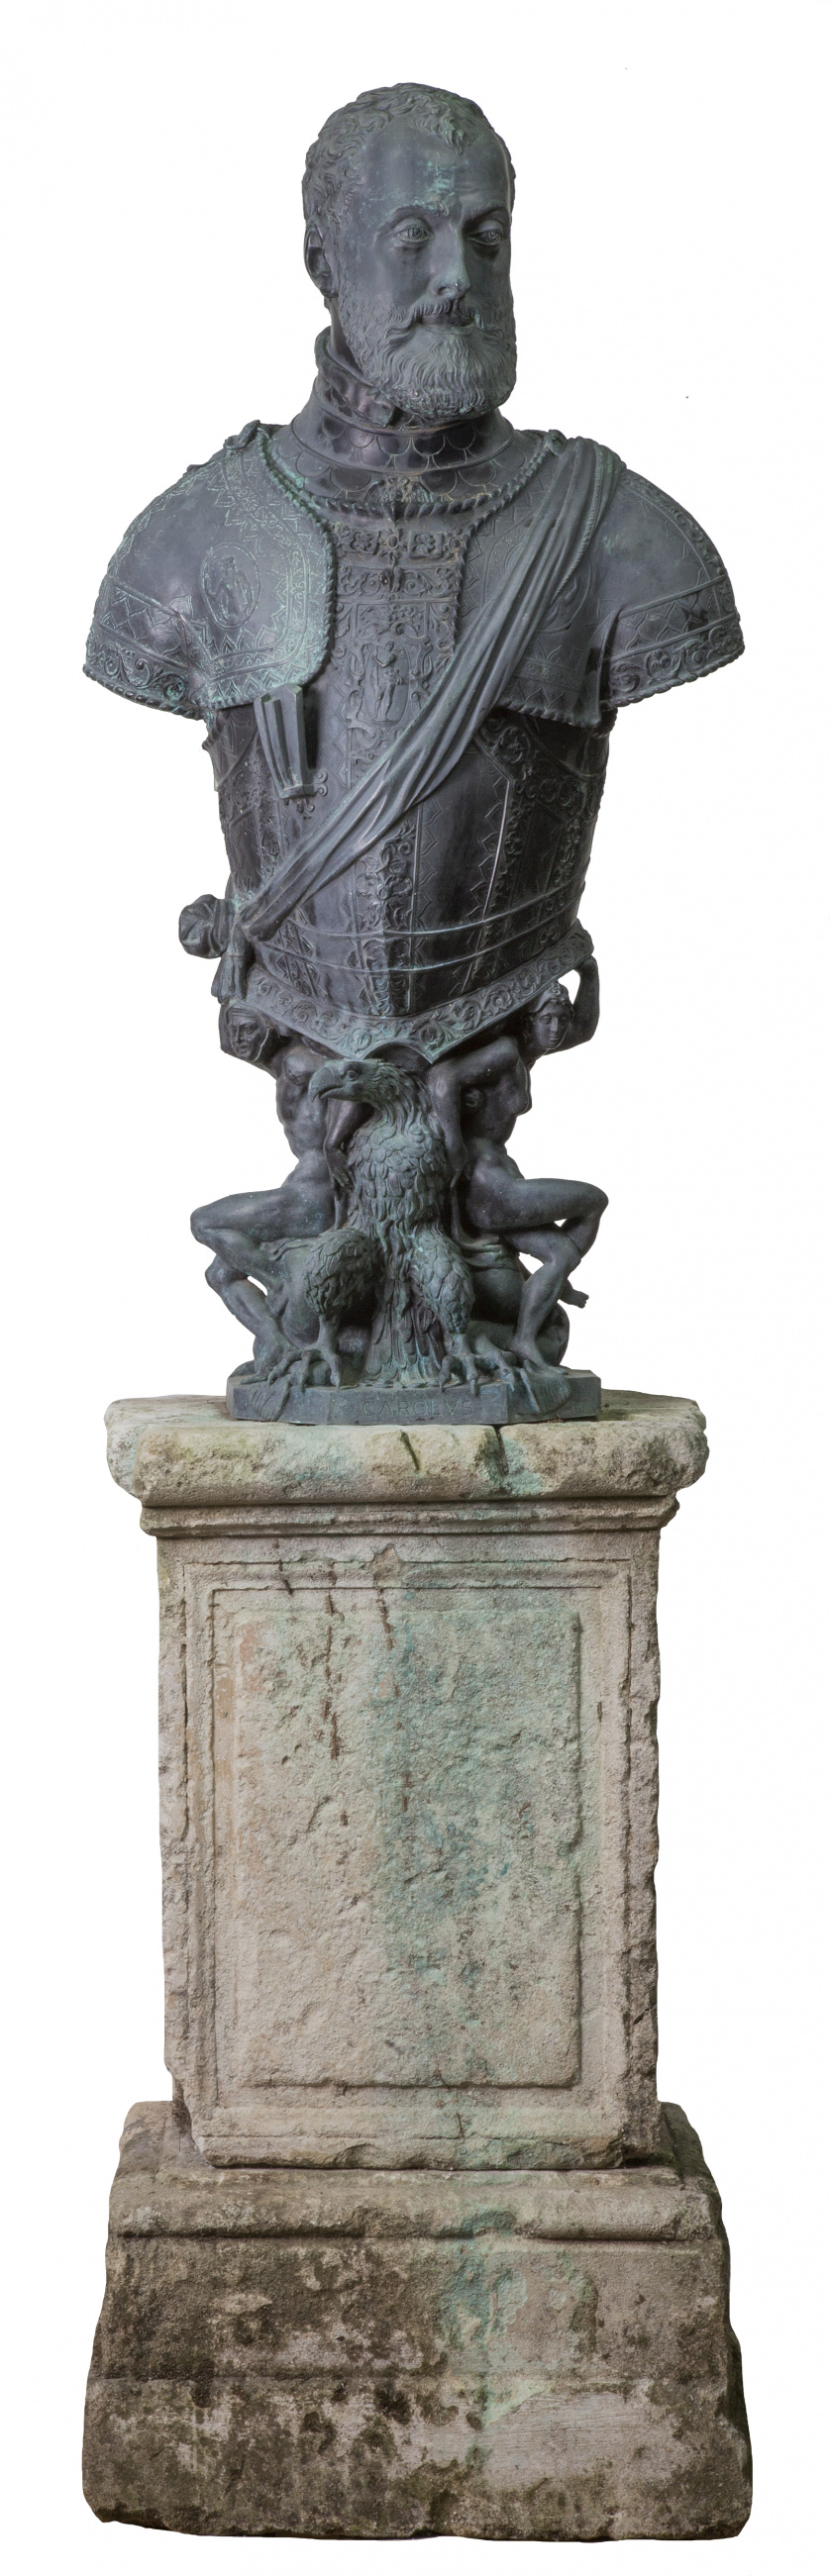 Busto de Carlos V en bronce con los atributos del Emperador